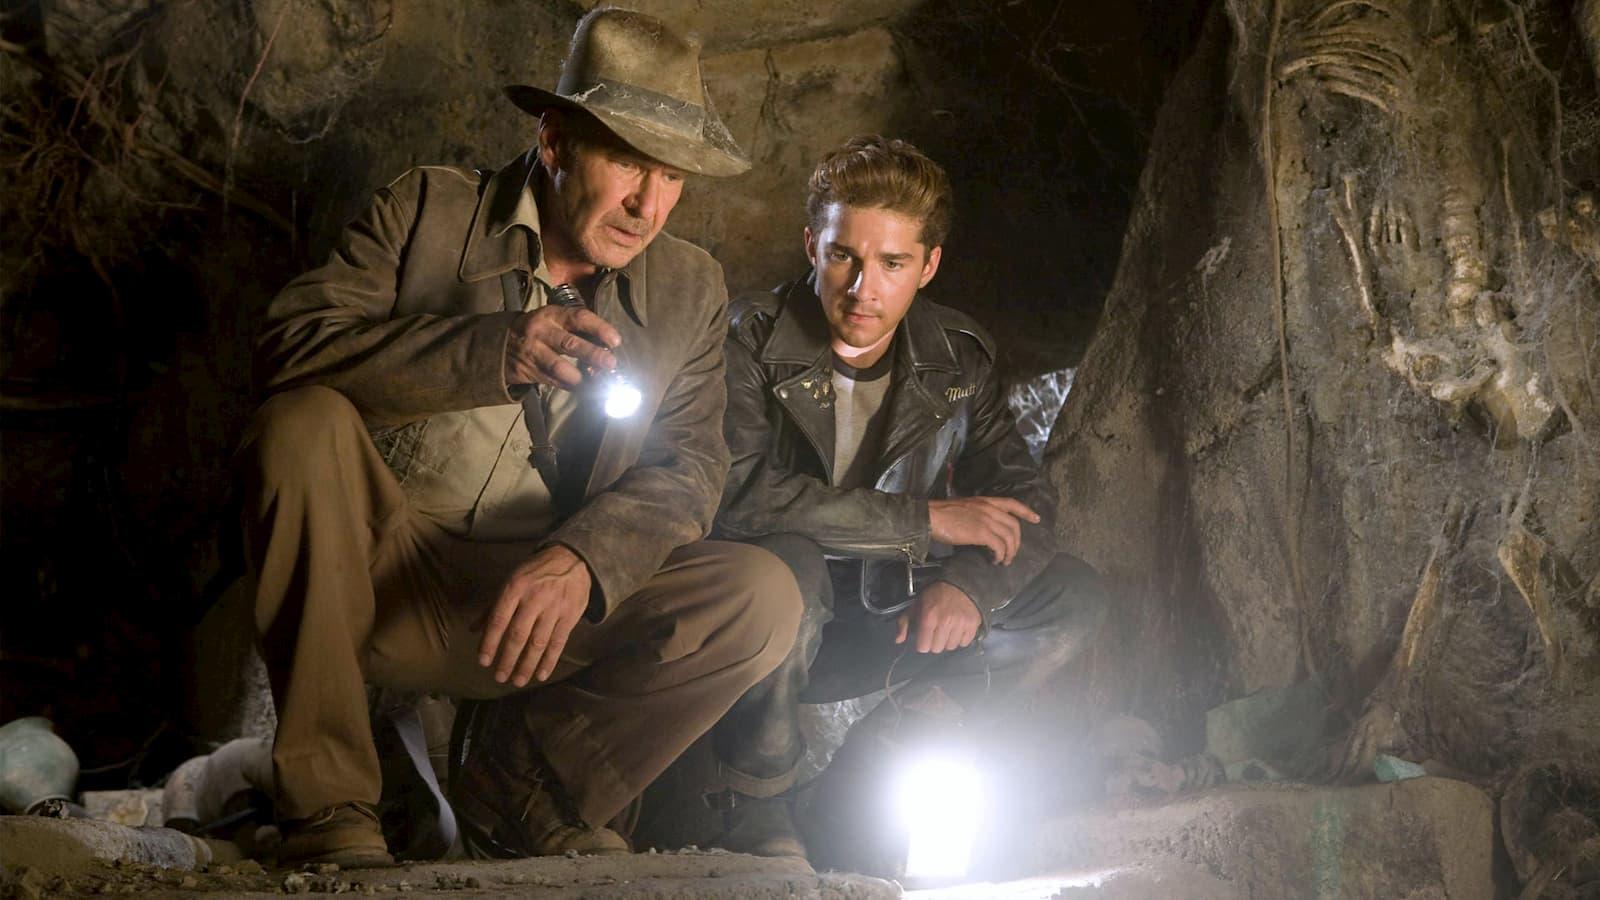 Cena de Indiana Jones e o Reino da Caveira de Cristal